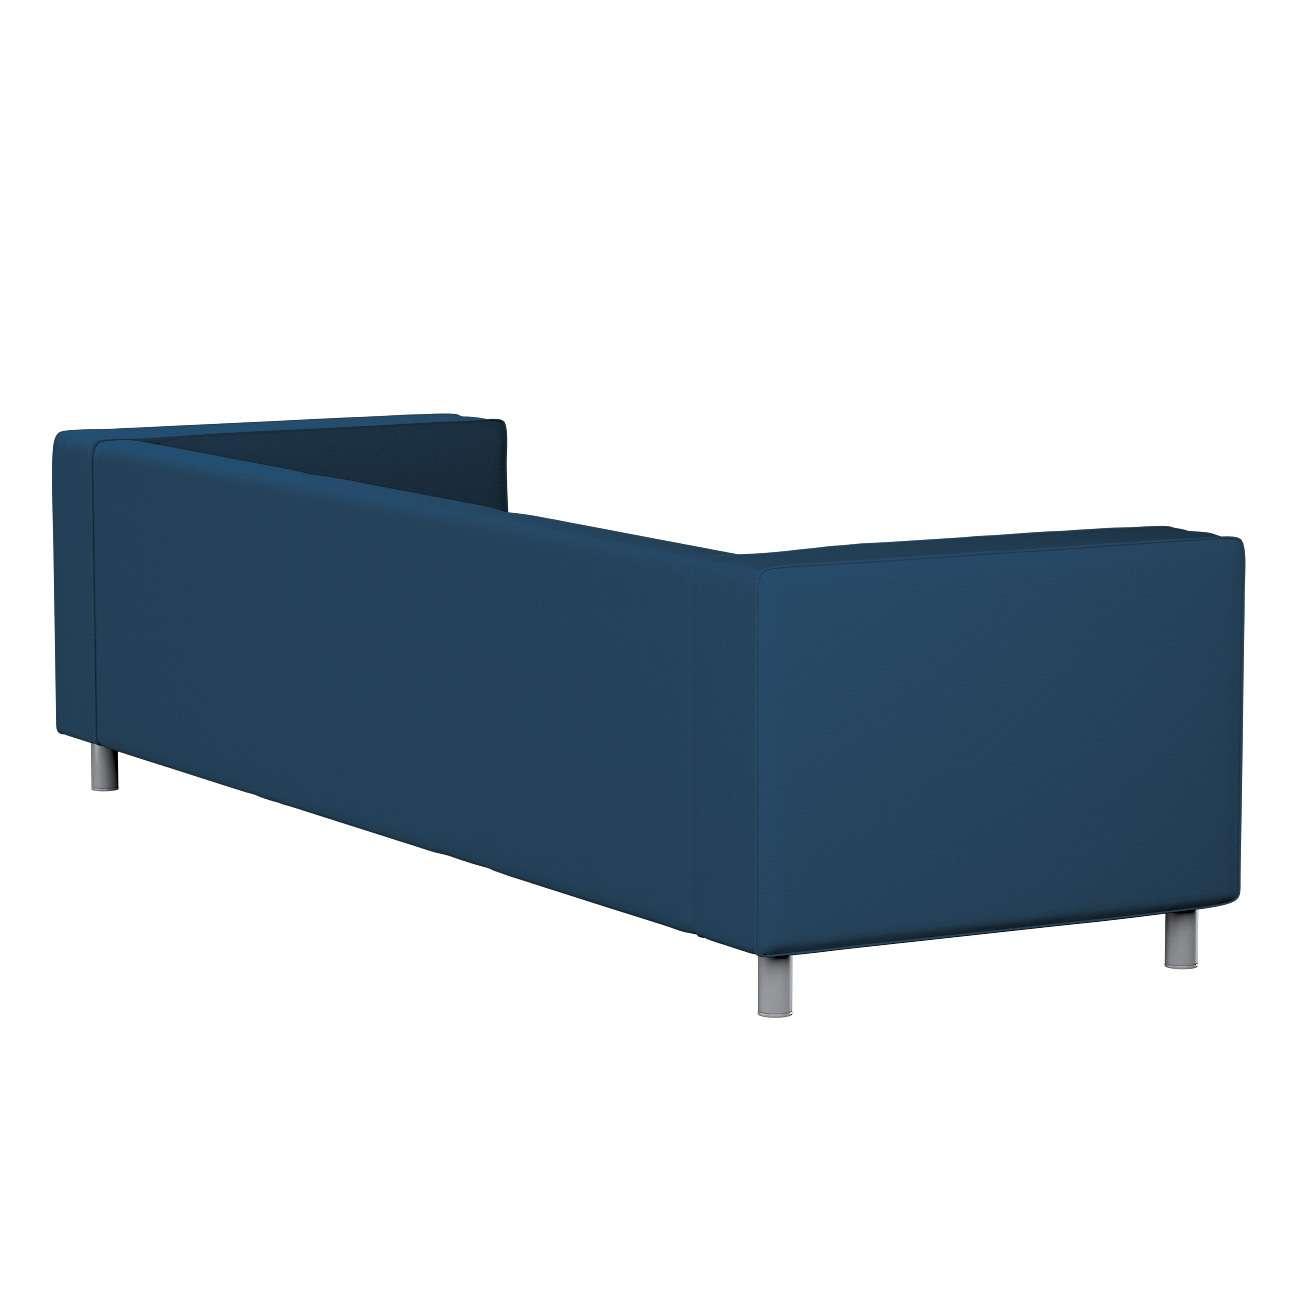 Klippan keturvietės sofos užvalkalas kolekcijoje Cotton Panama, audinys: 702-30